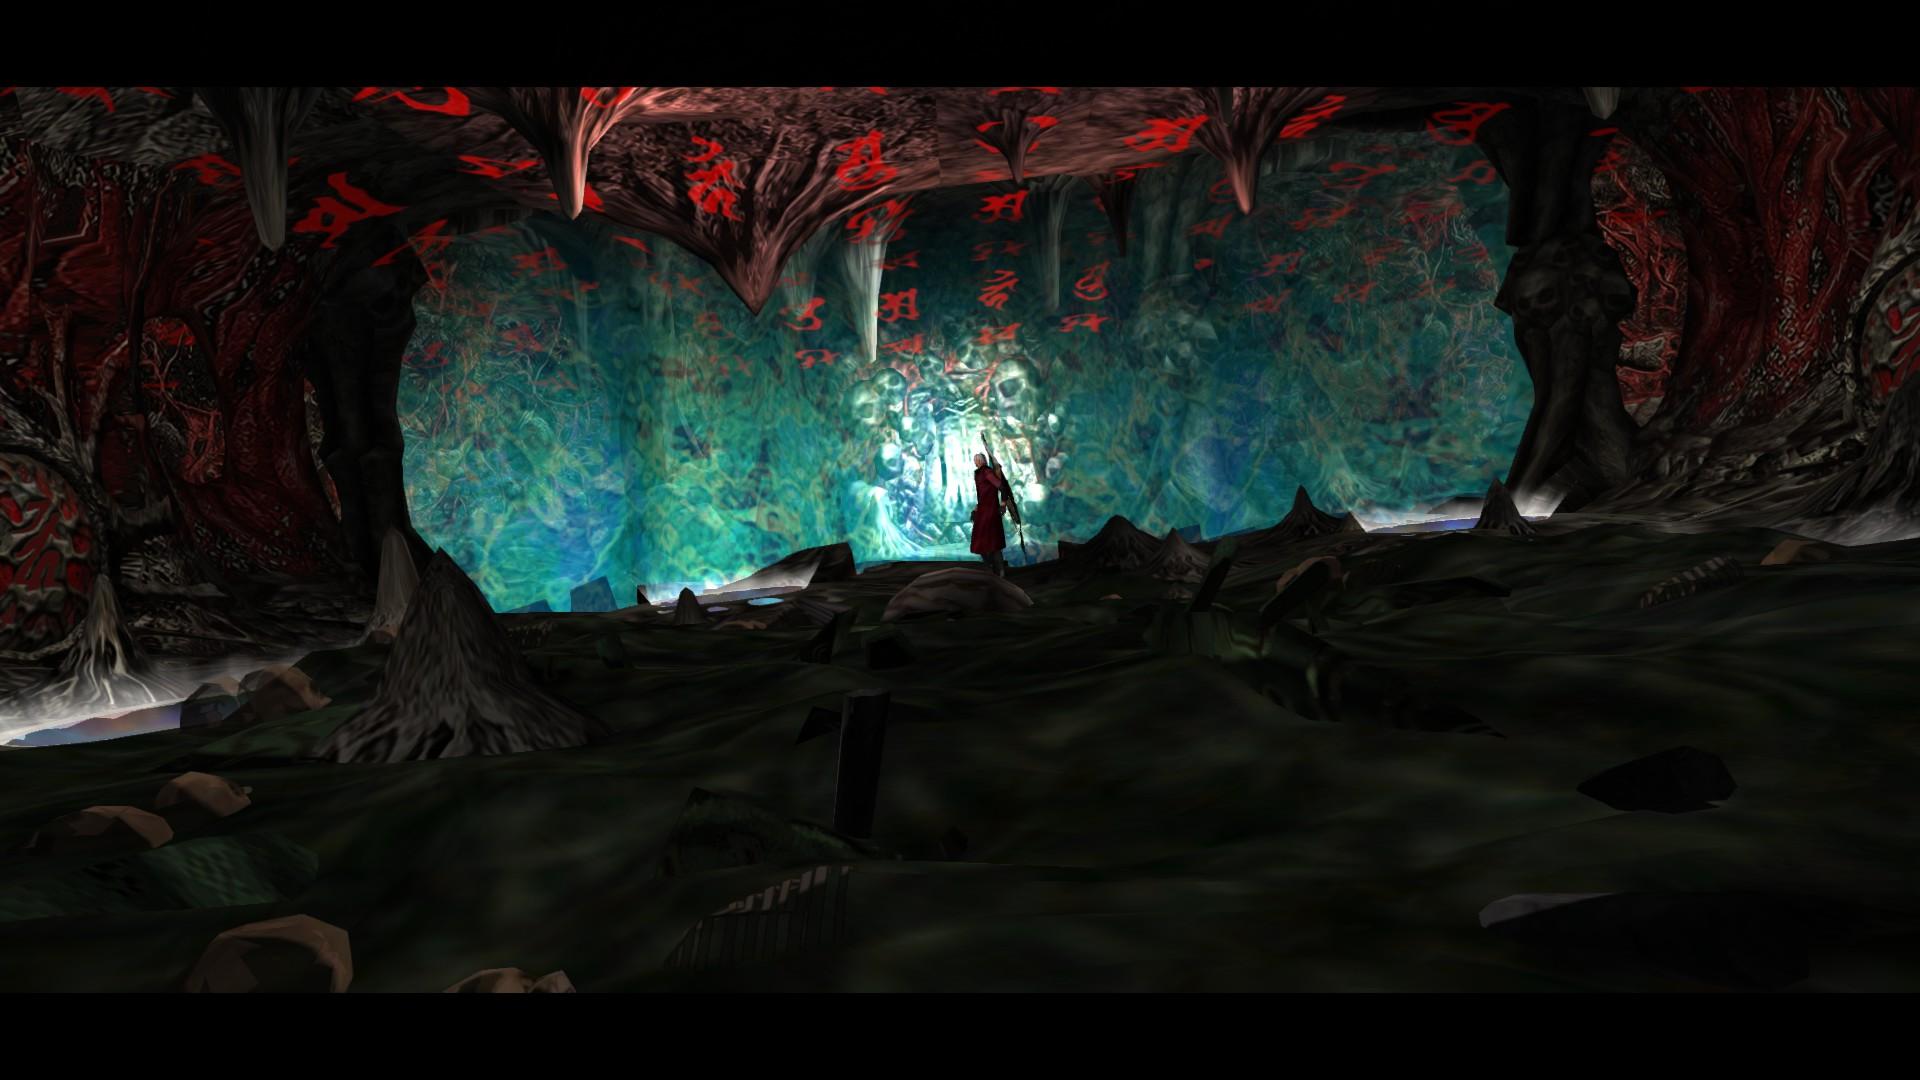 Пост-прохождение Devil May Cry Часть 7. - Изображение 43